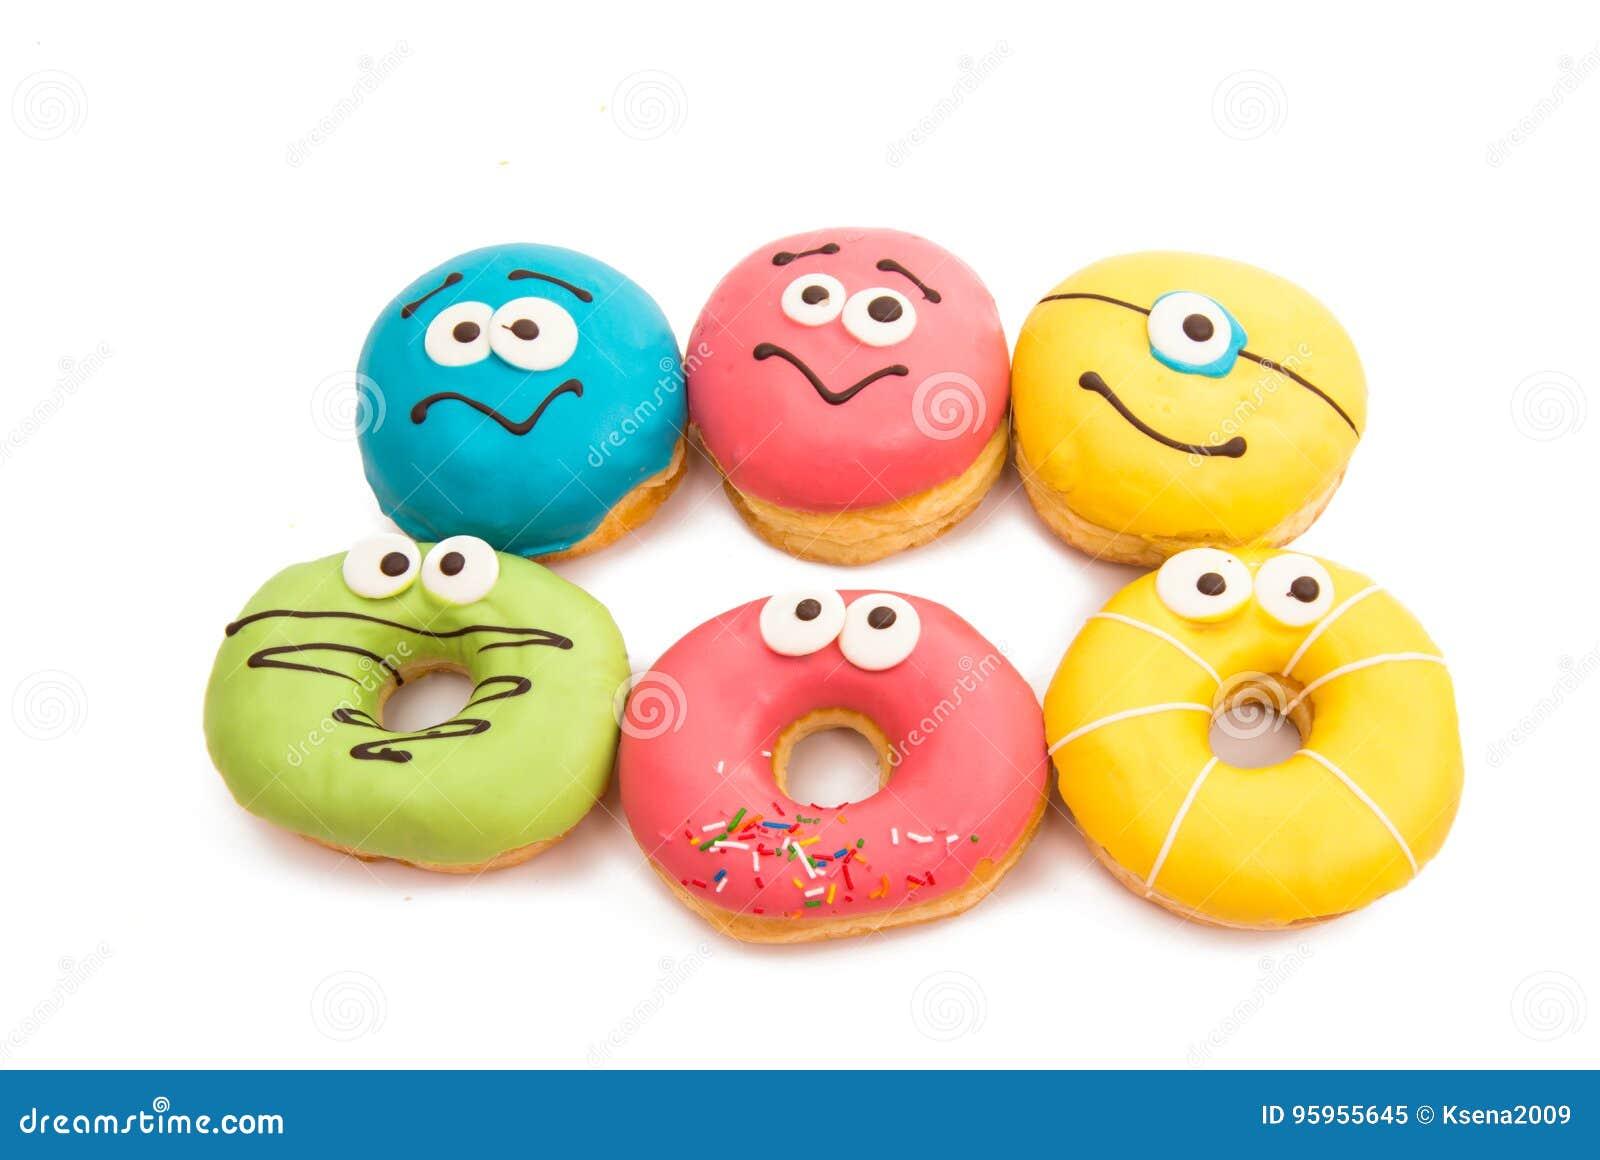 Donut in glaze